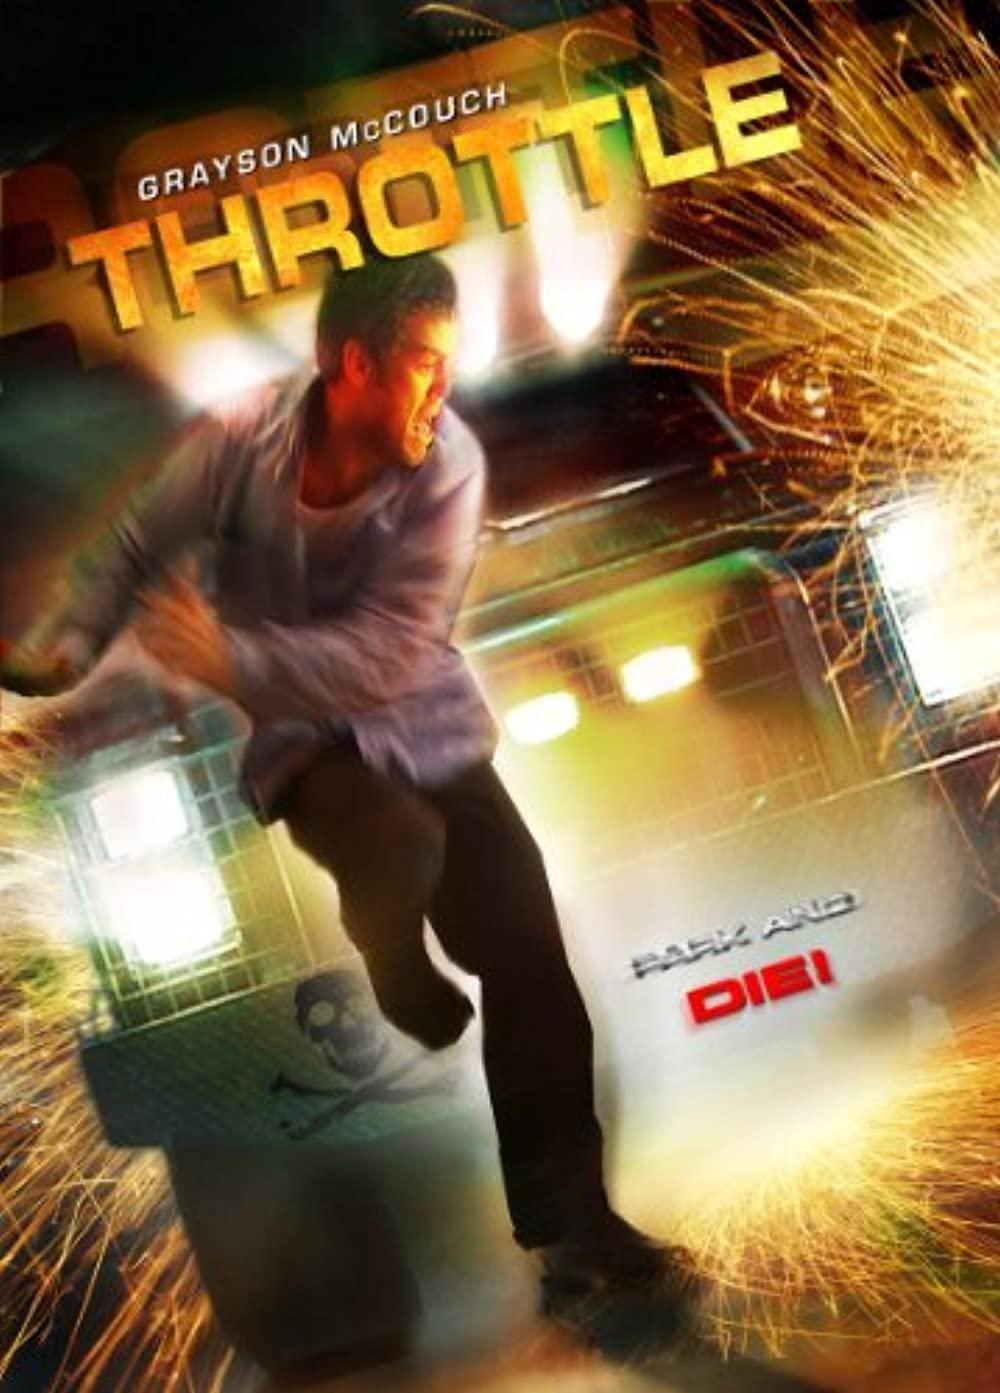 مشاهدة فيلم Throttle/ No Way Up, 2005 مترجم